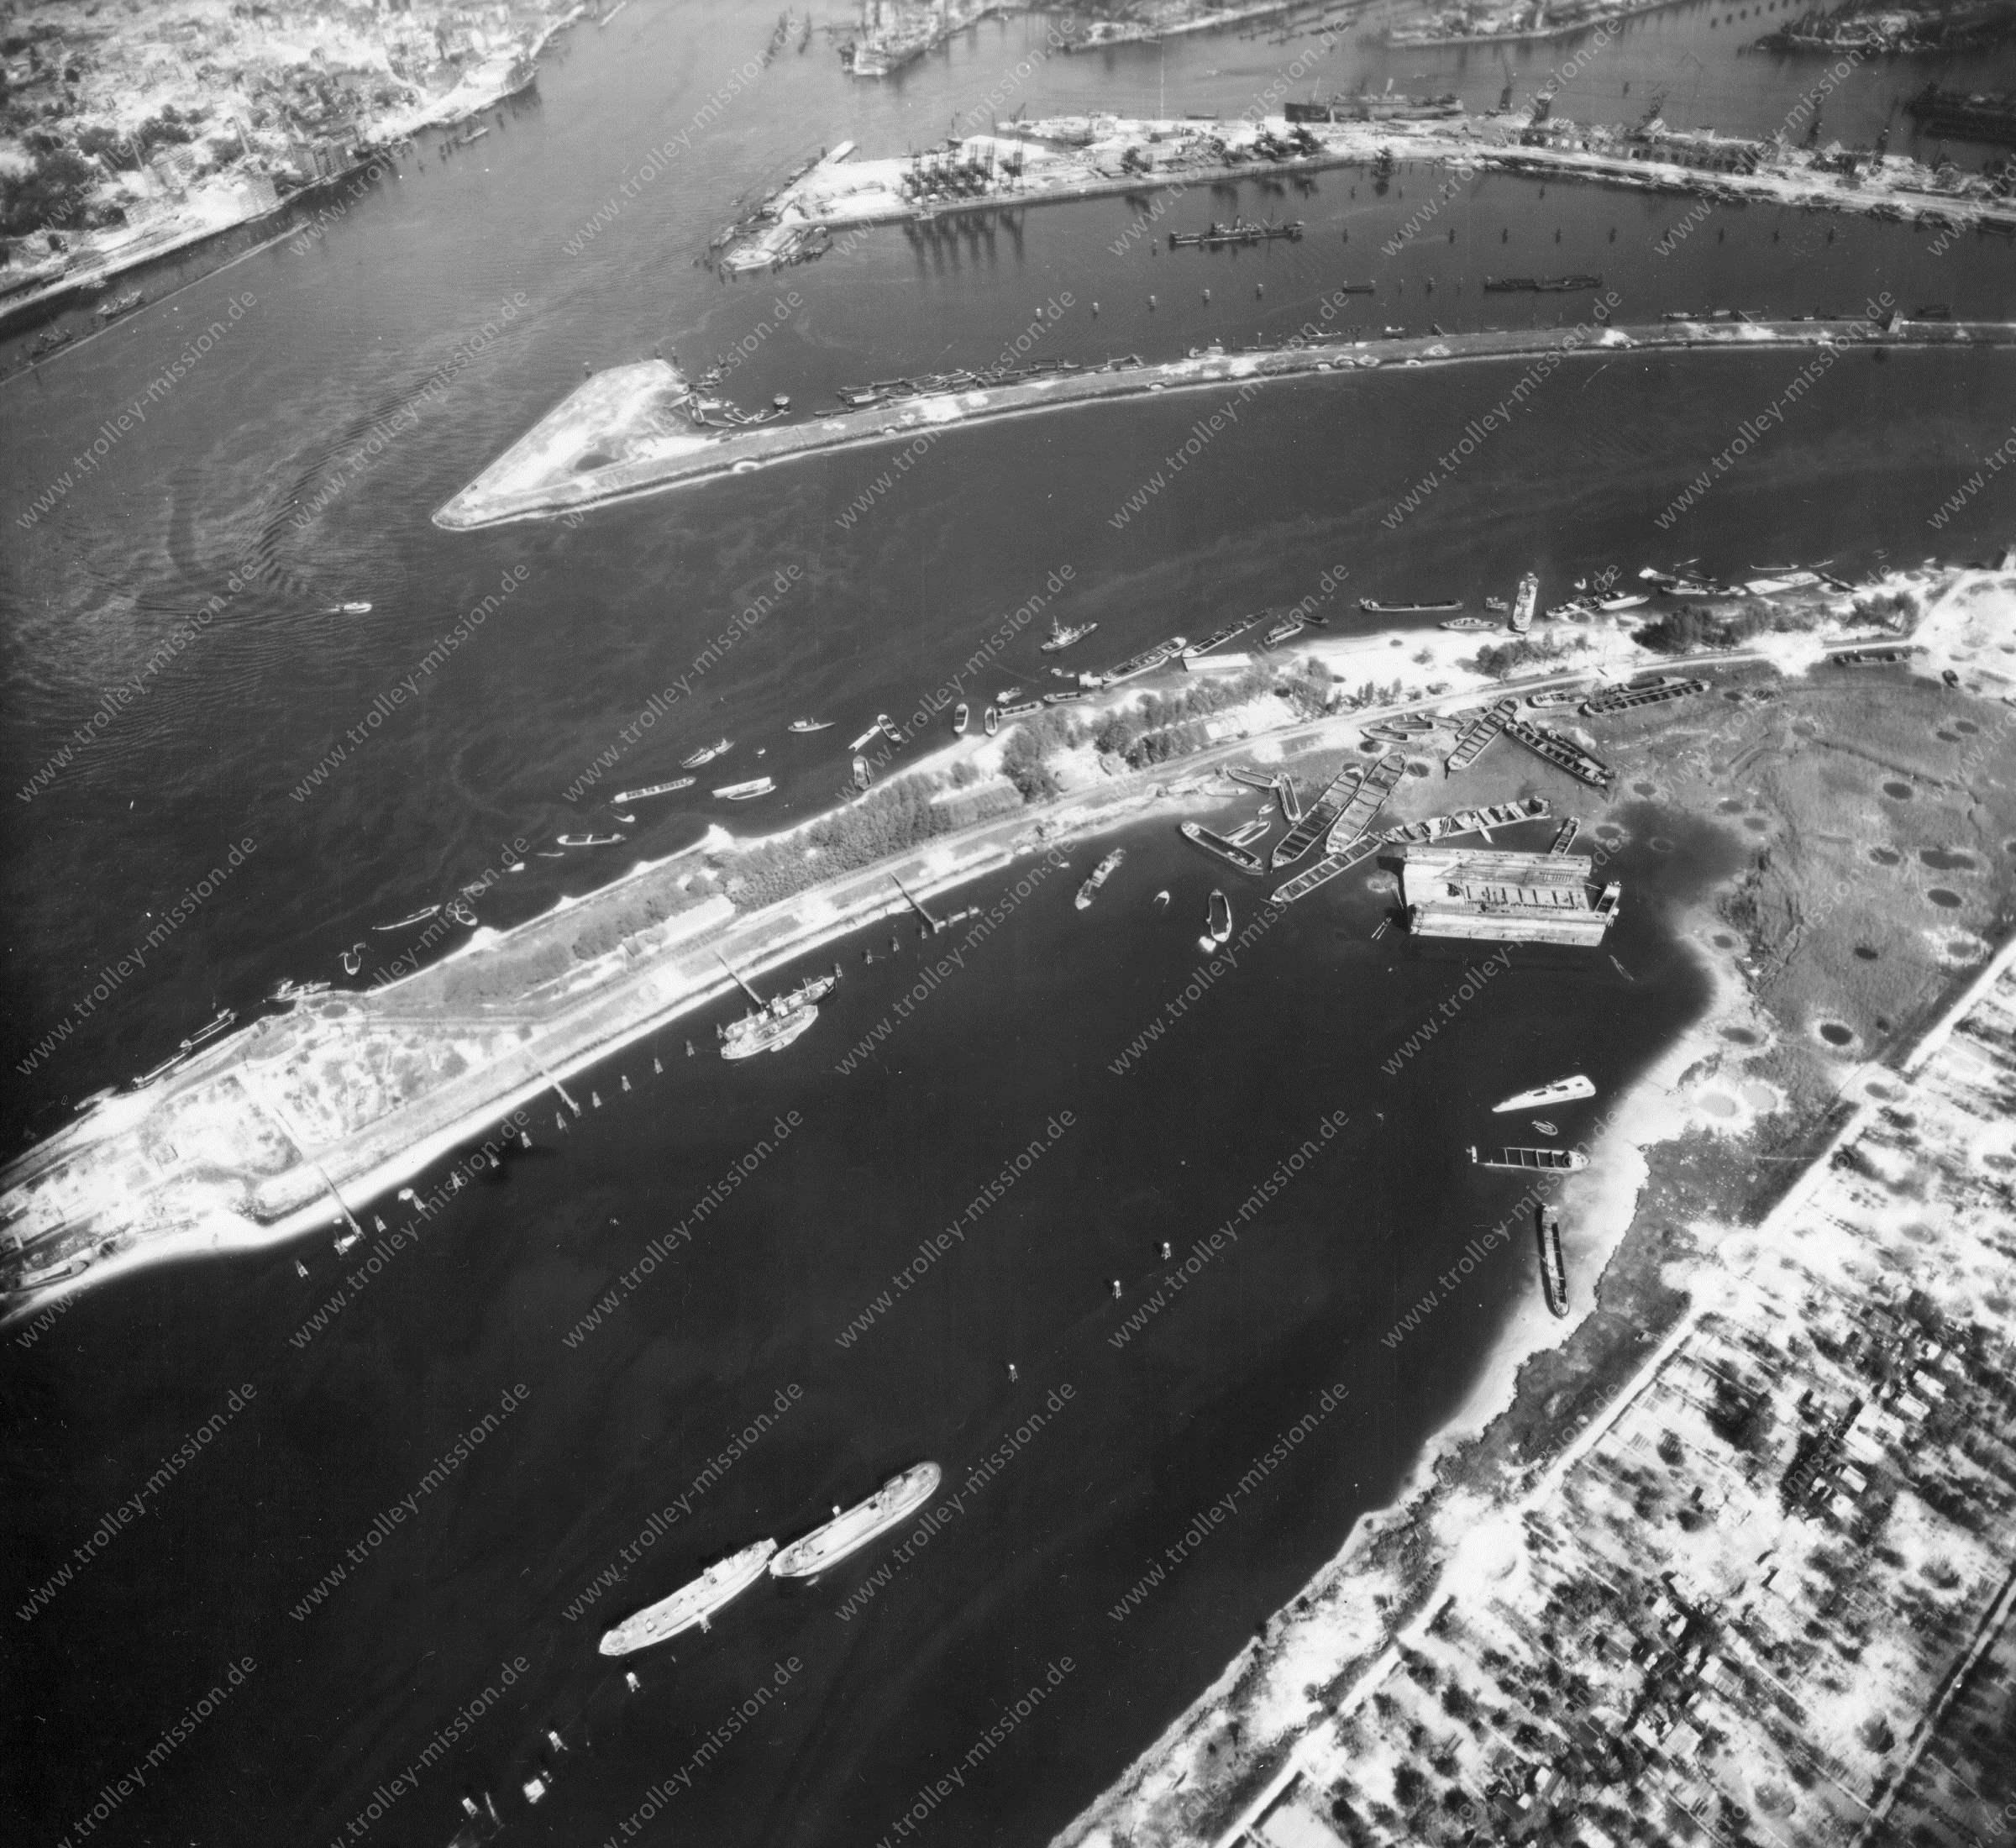 Luftbild von Hamburg und Hafen am 12. Mai 1945 - Luftbildserie 6/19 der US Air Force